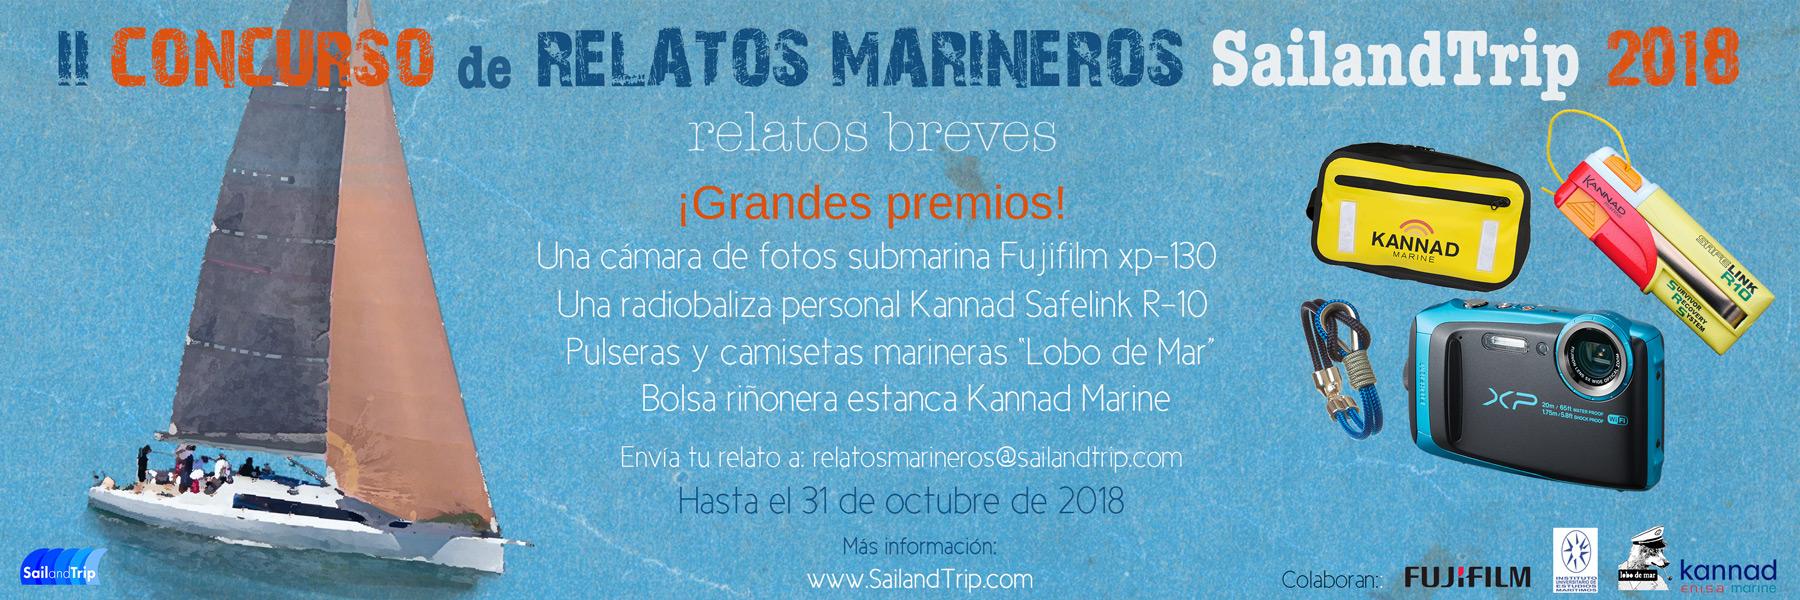 Relatos Marineros Banner SailandTrip